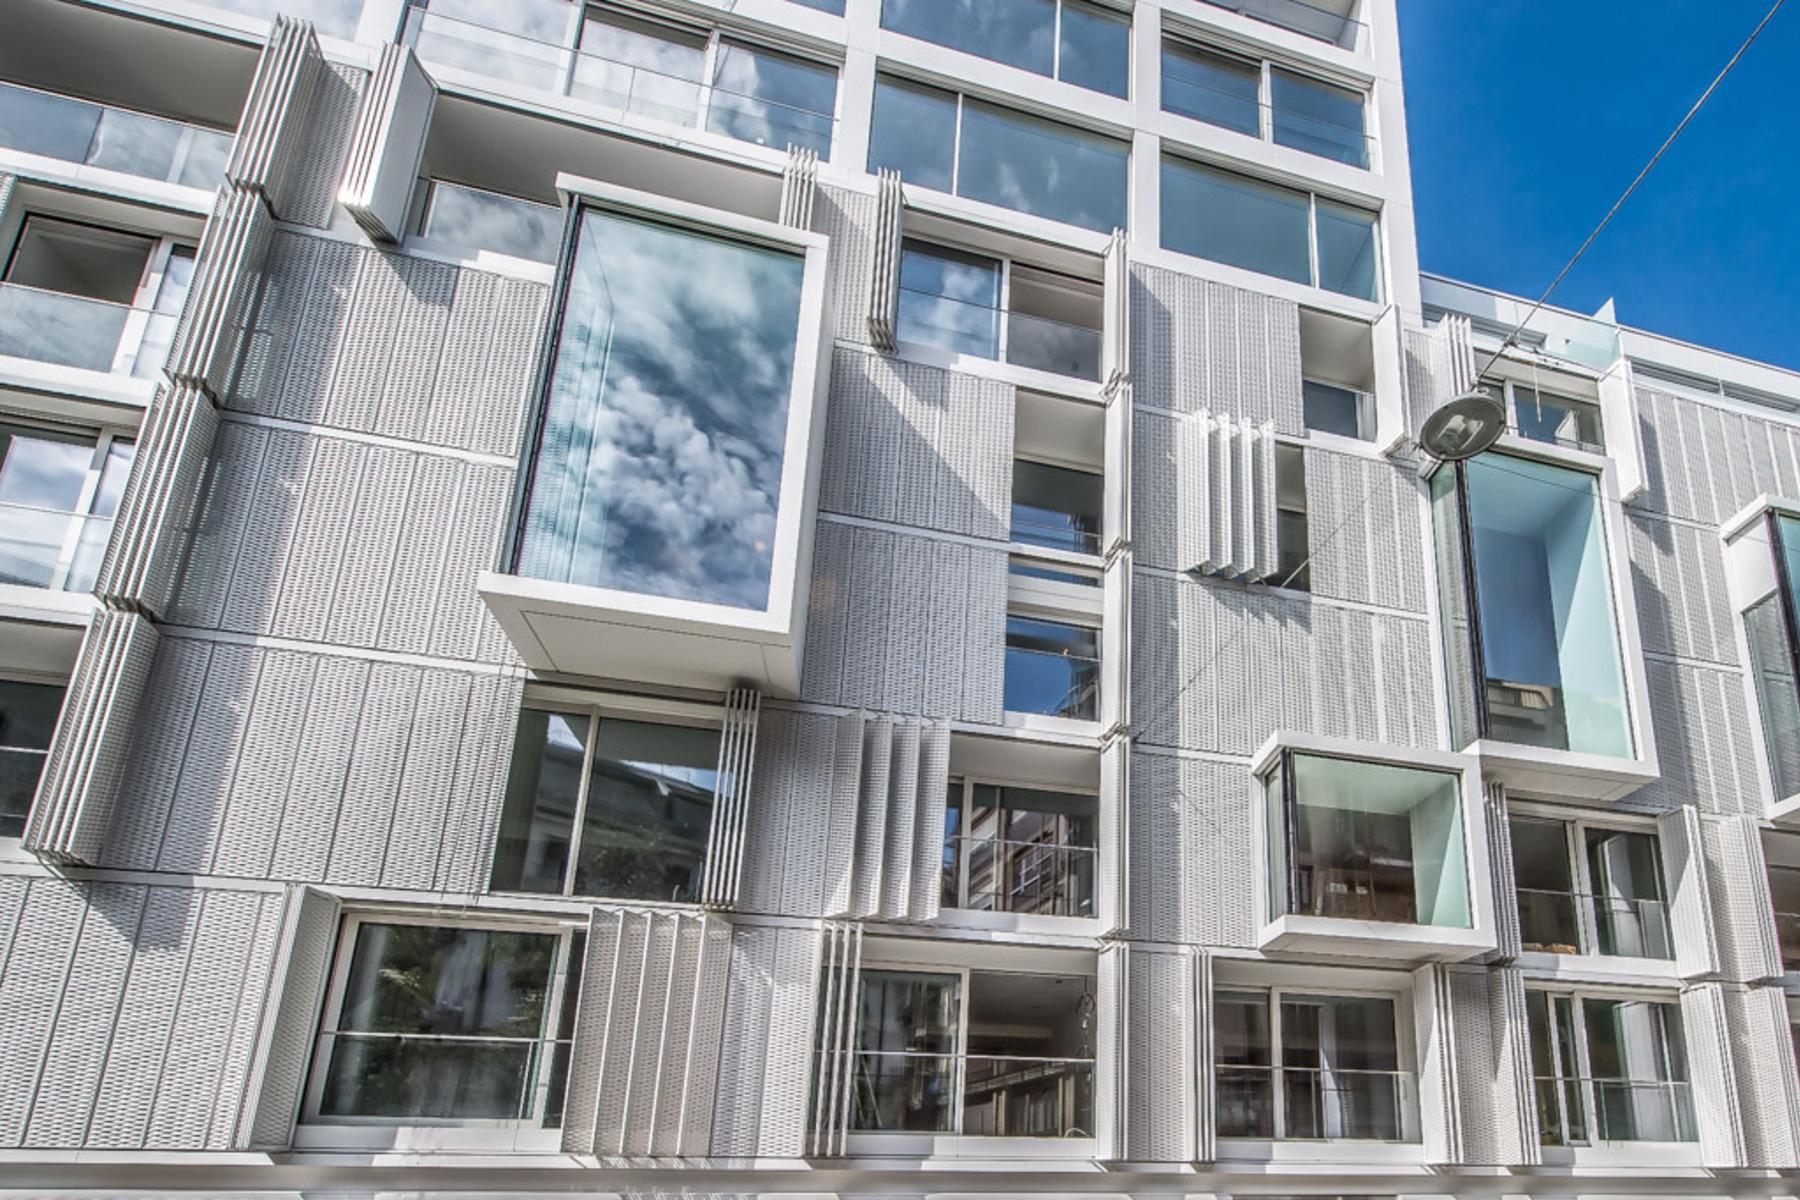 콘도미니엄 용 매매 에 For sale, Condominium apartment, 1201 Genève, Réf 3753 Geneva, 제네바, 1201 스위스